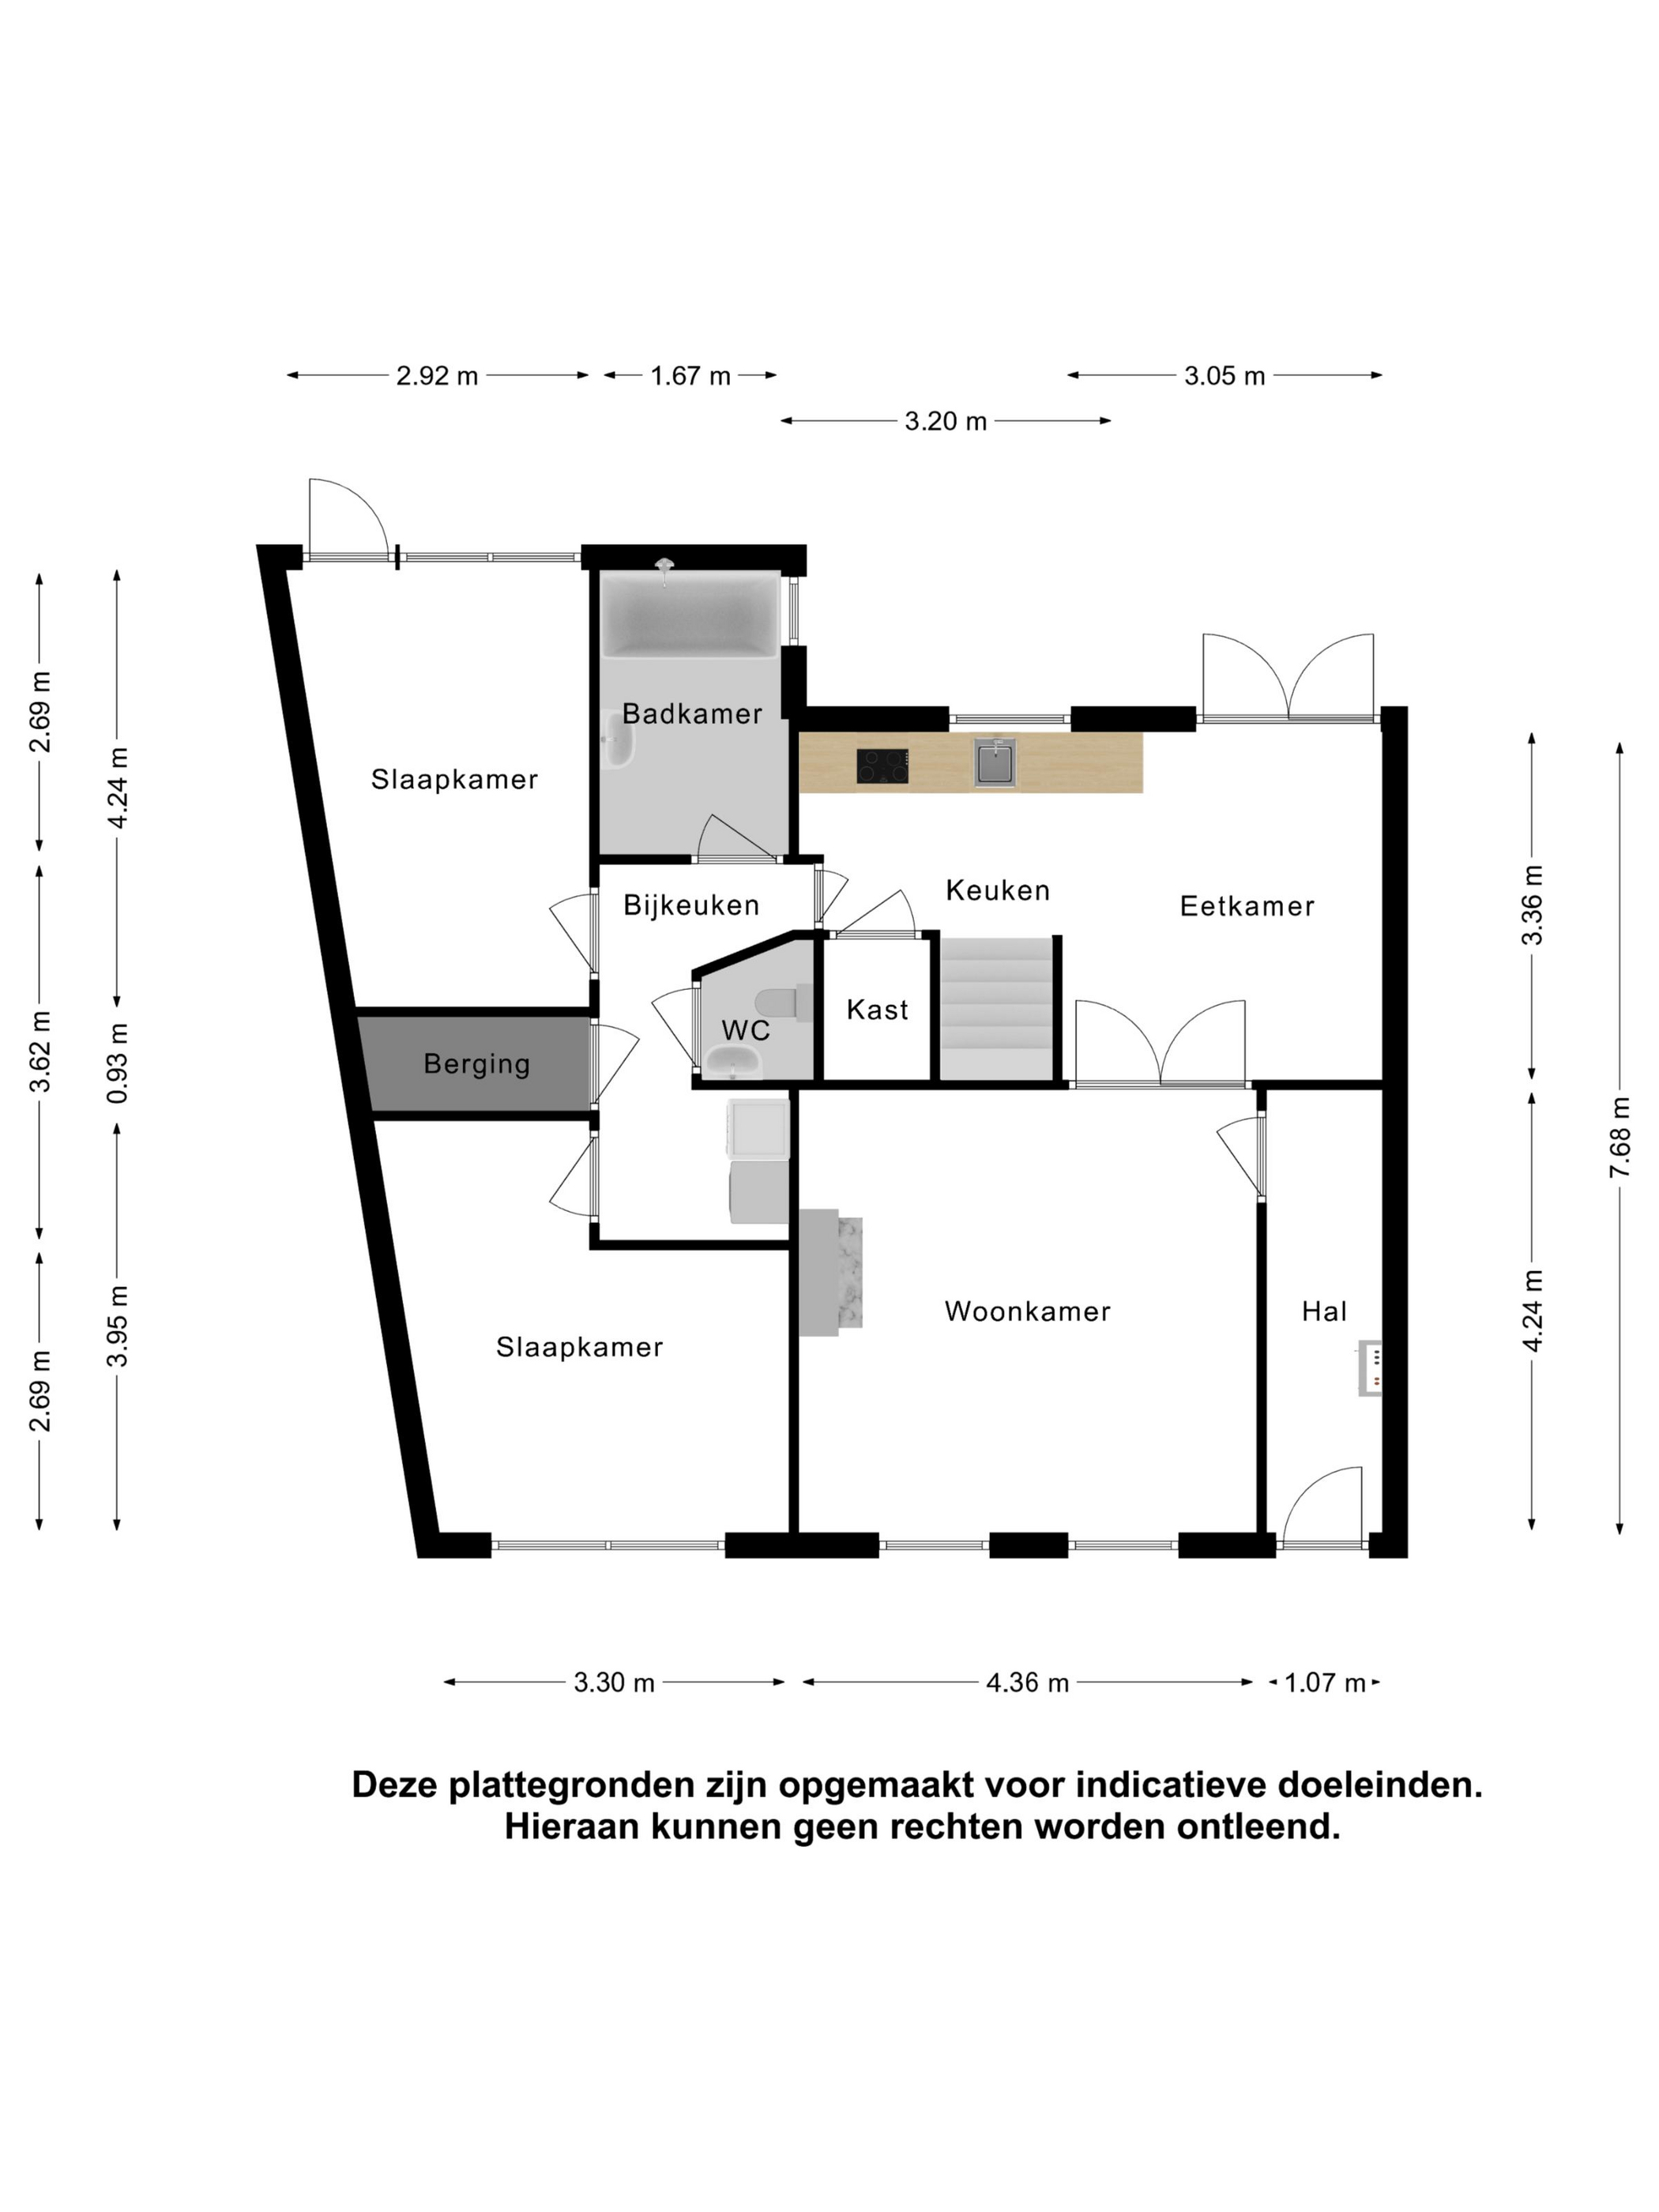 ald-dyk-15-scharnegoutum-plattegrond-78